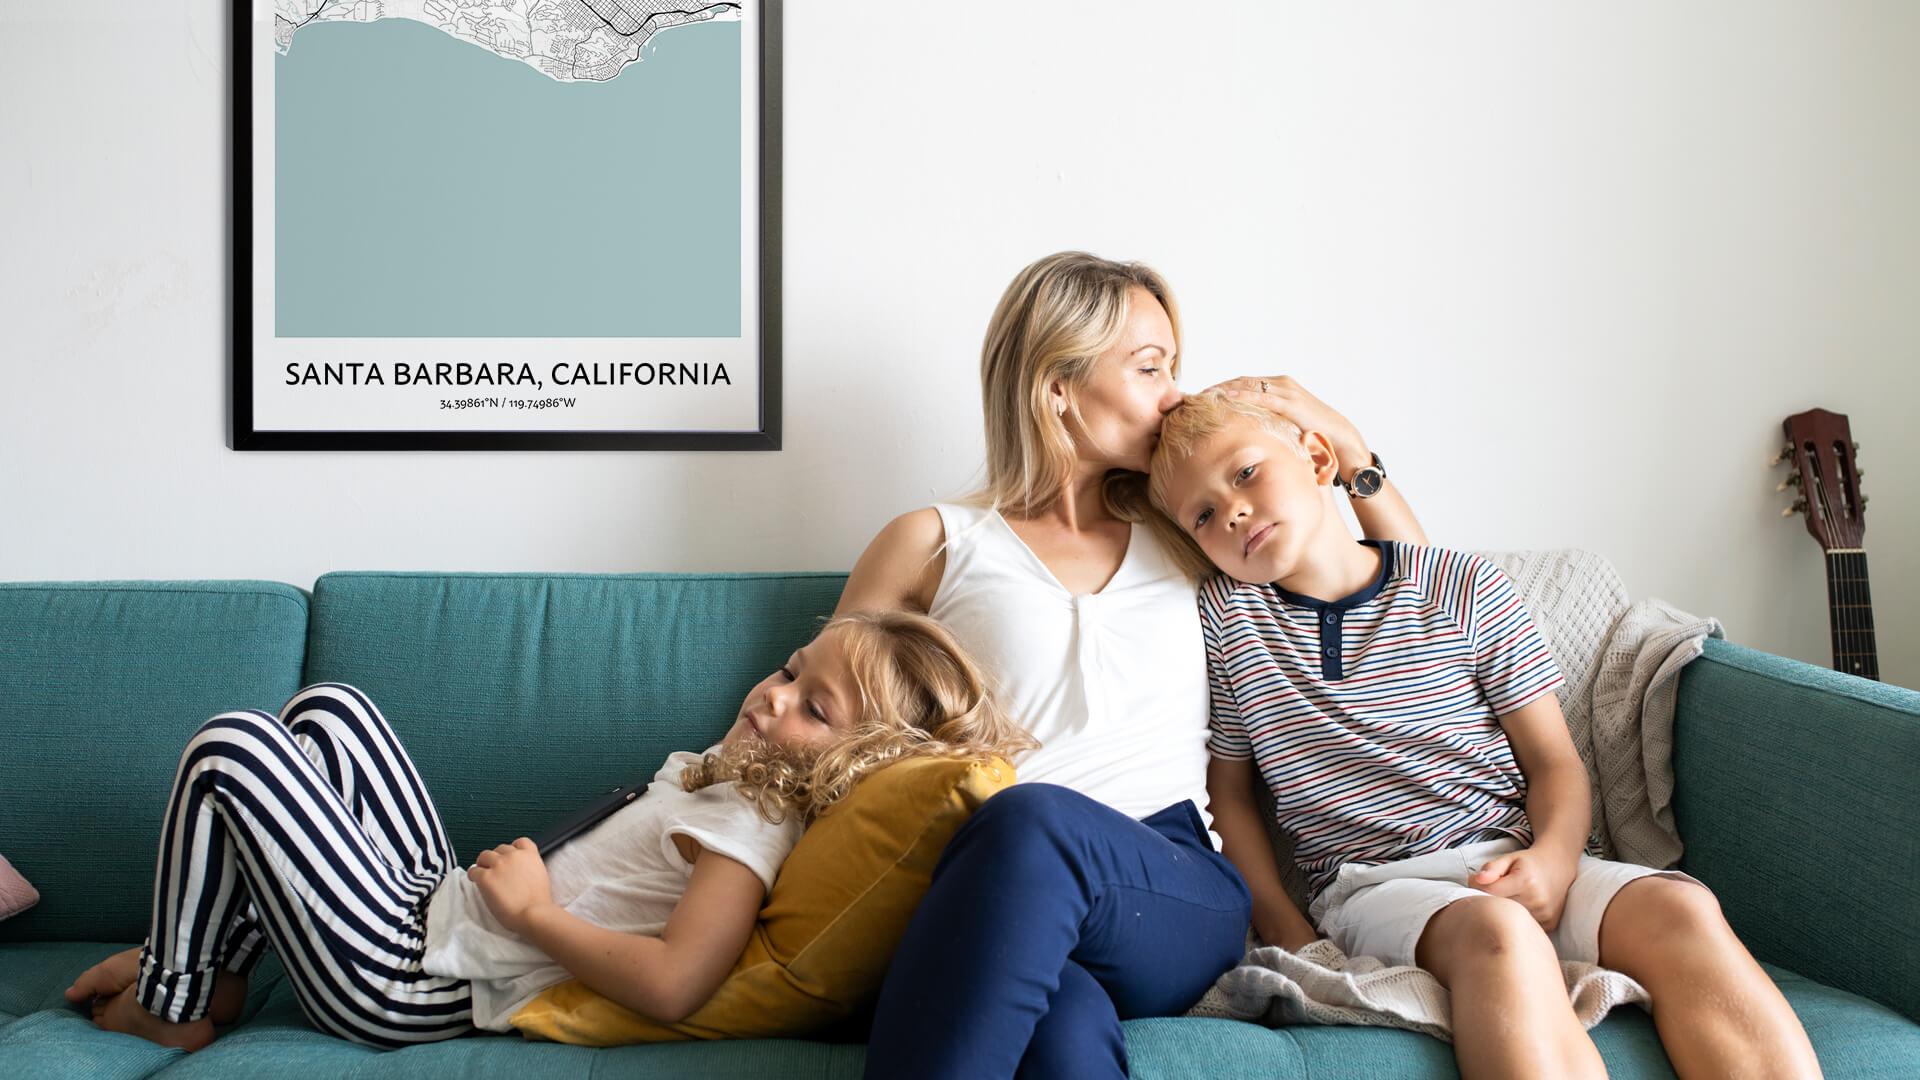 Santa Barbara map poster